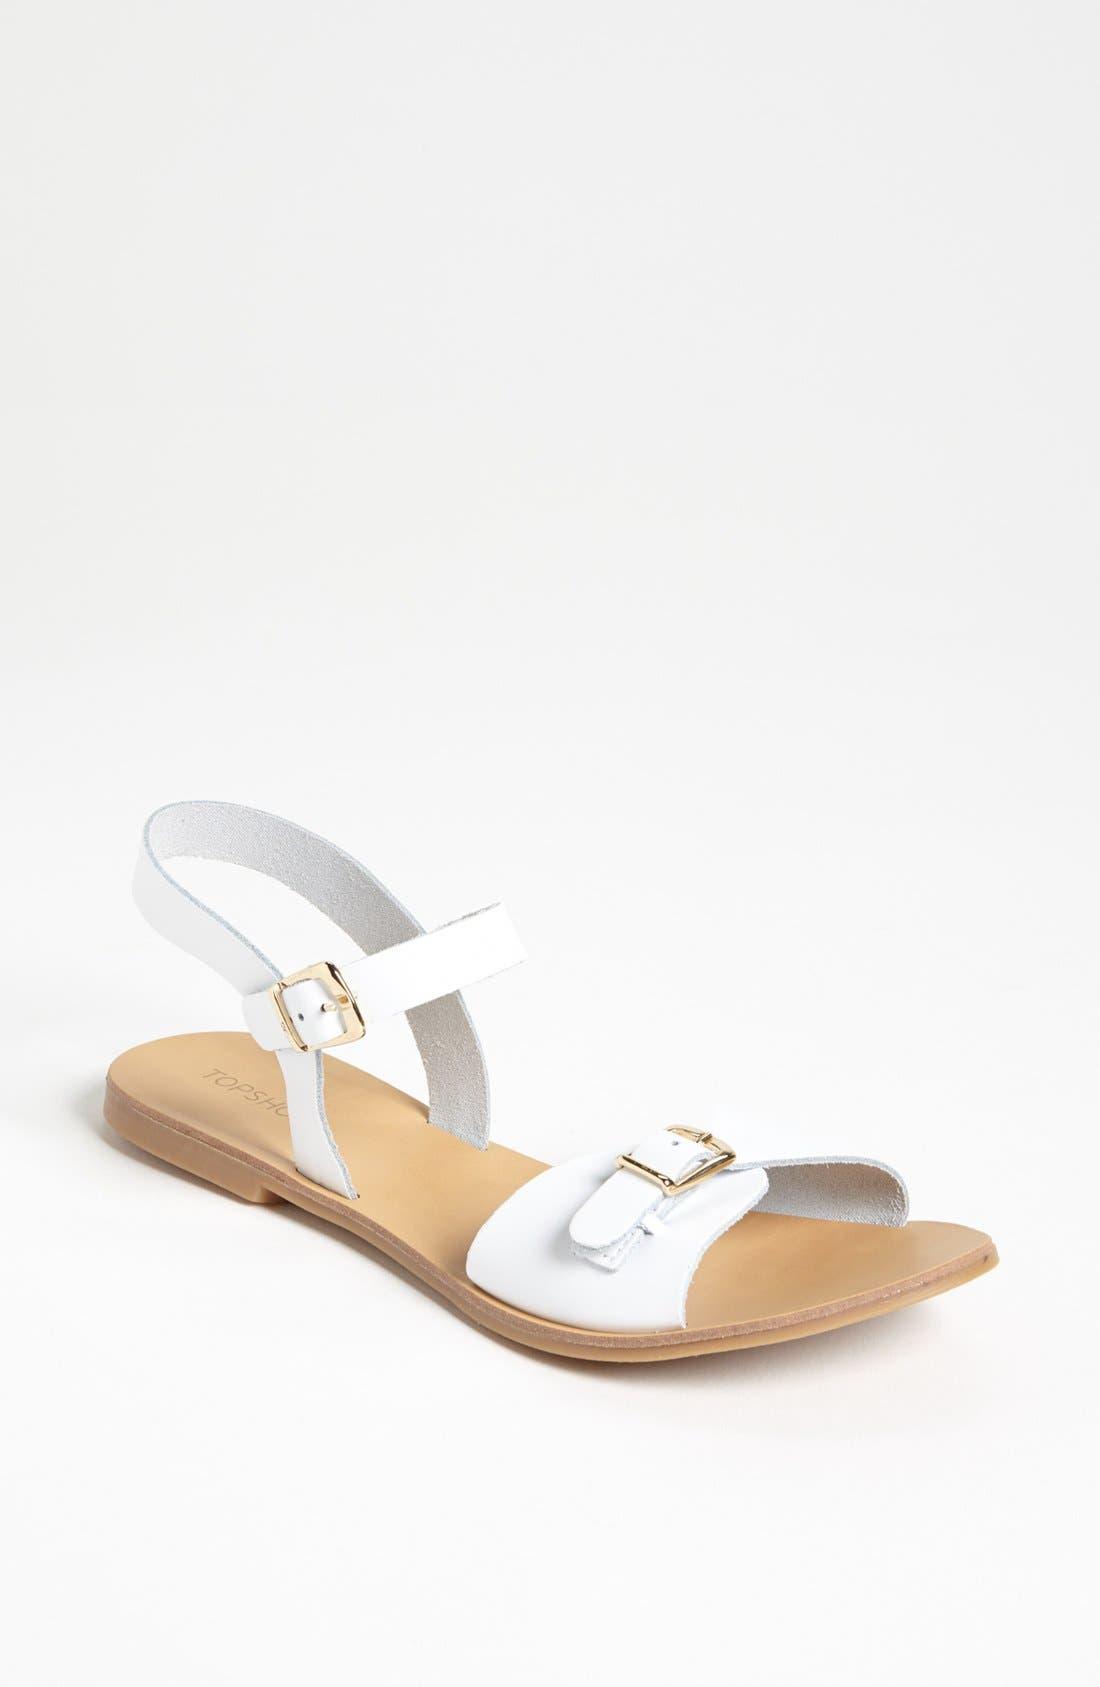 Main Image - Topshop 'Helter' Sandal